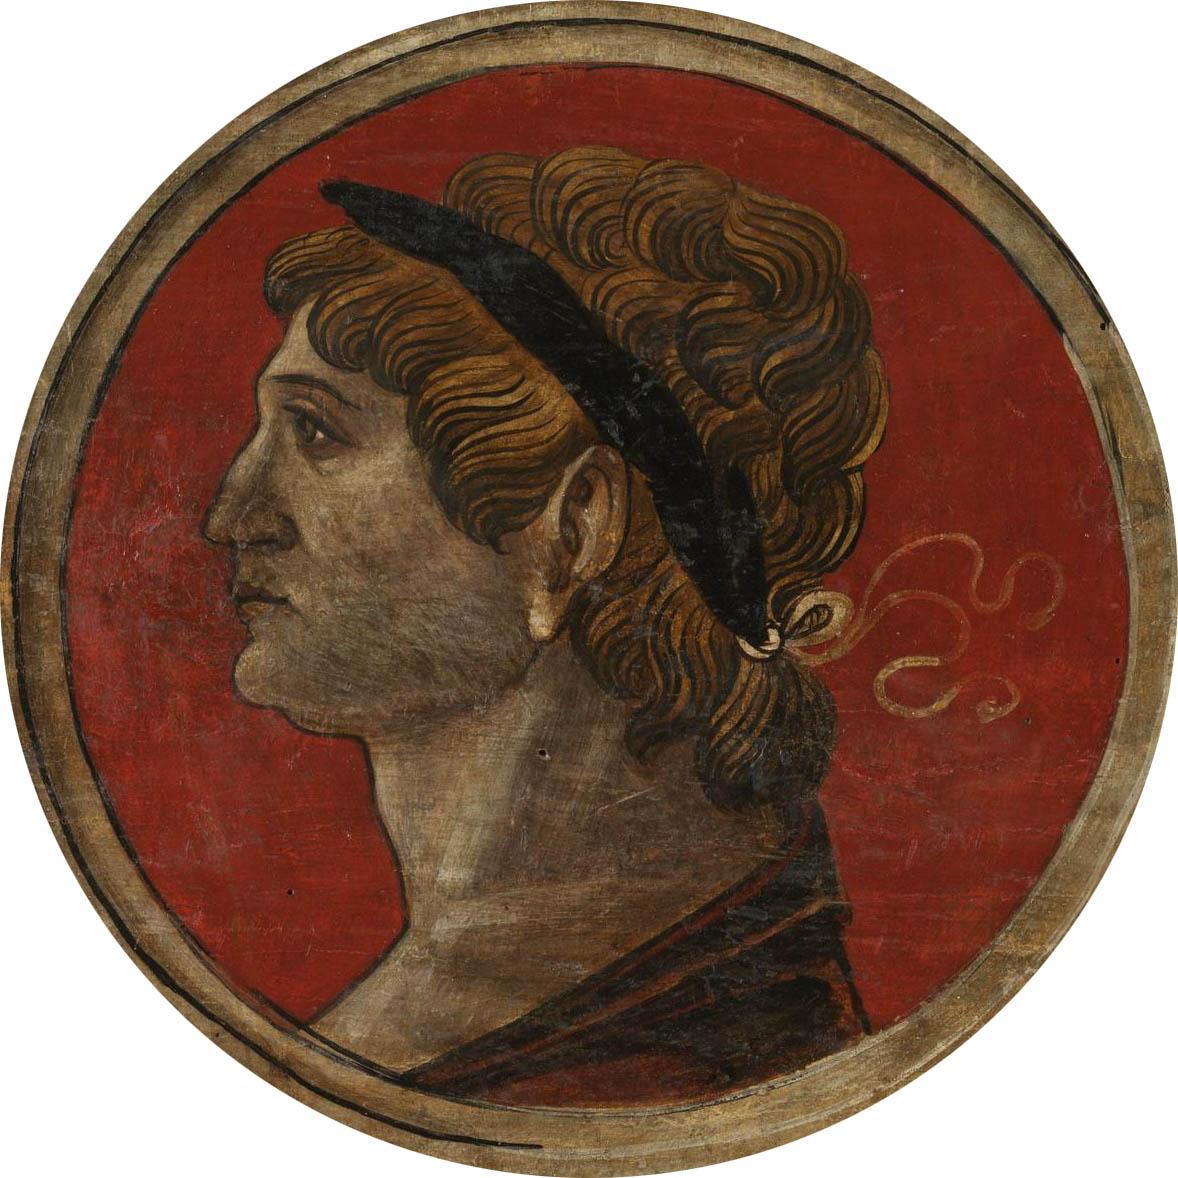 Автор неизвестен Ломбардия  Античный портрет мужчины 6 викт и альб обрез.jpg